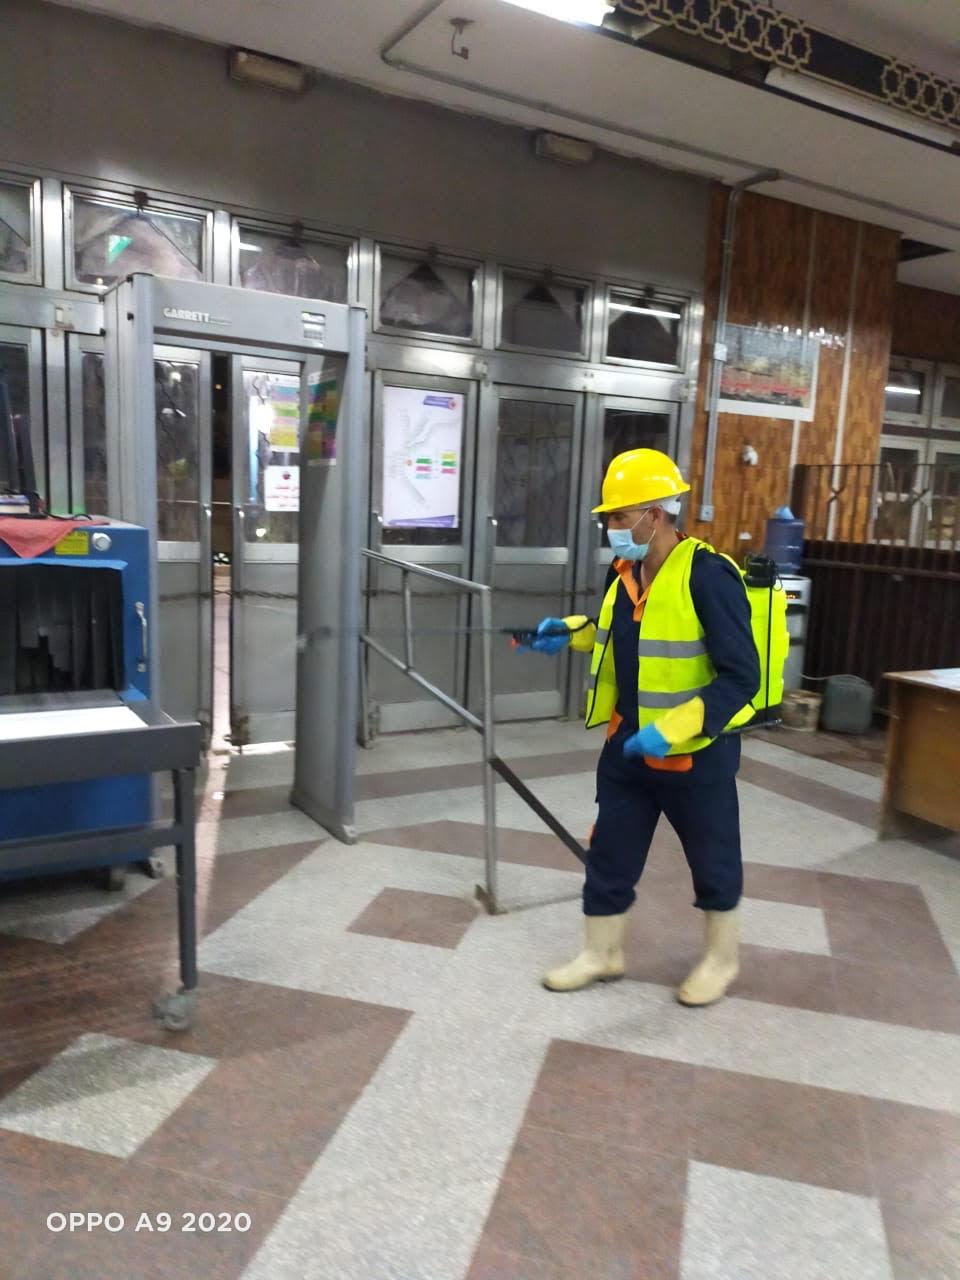 المترو يواصل أعمال تعقيم وتطهير القطارات والمحطات ضد كورونا (20)